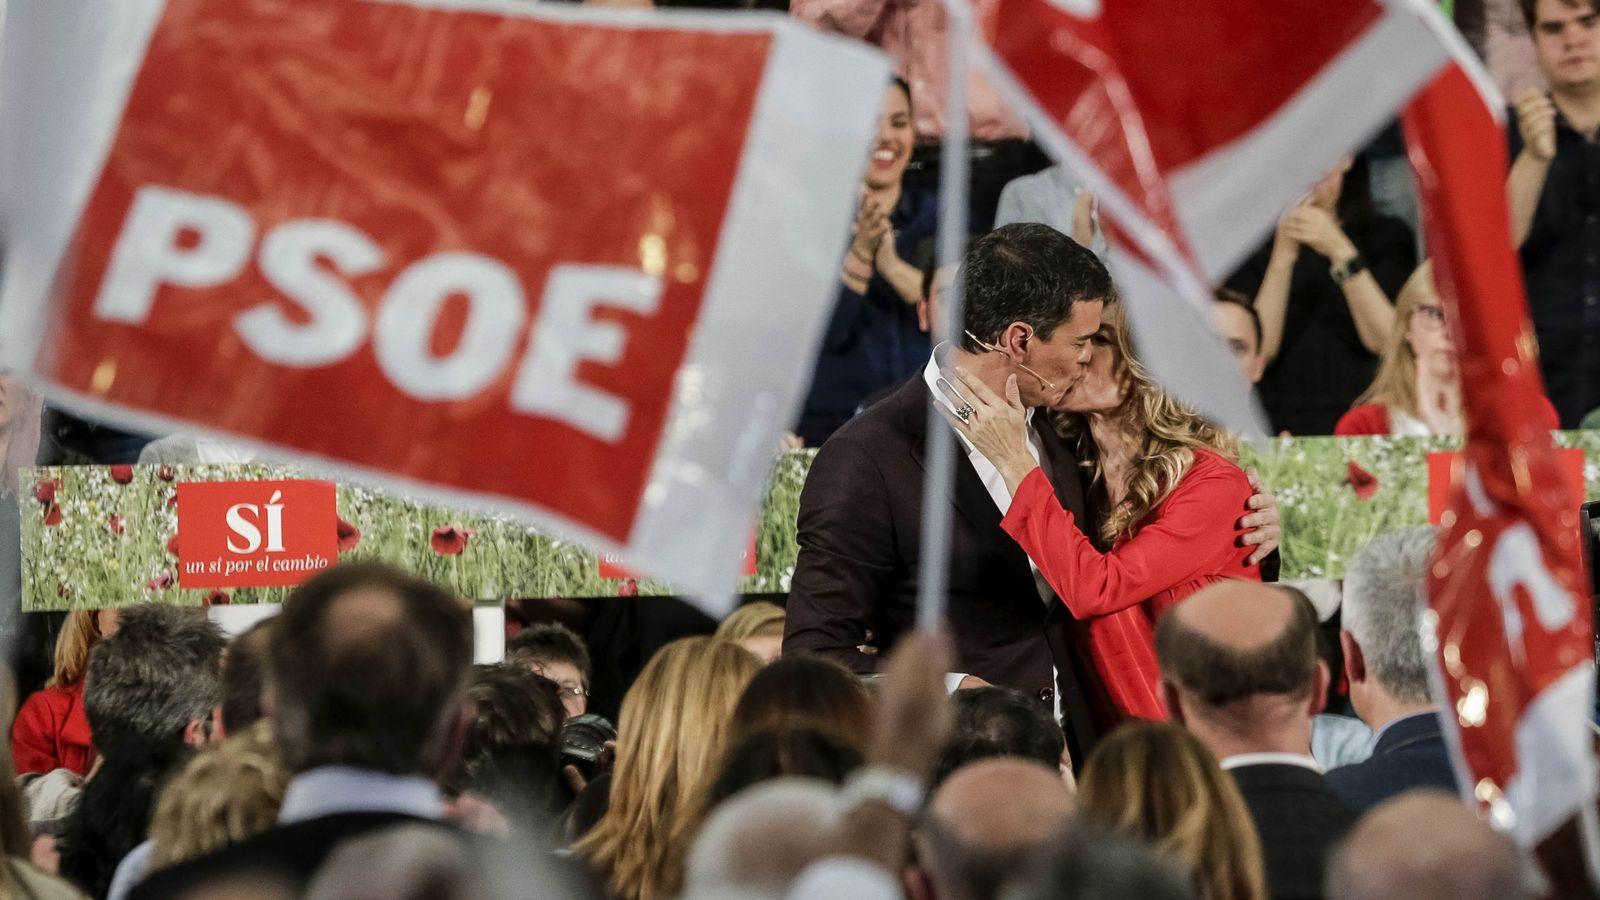 Foto: El modelo de partido del PSOE está caducado y sus dirigentes enrocados. En la imagen, Pedro Sánchez besa a su mujer este 14 de mayo en Móstoles. (EFE)